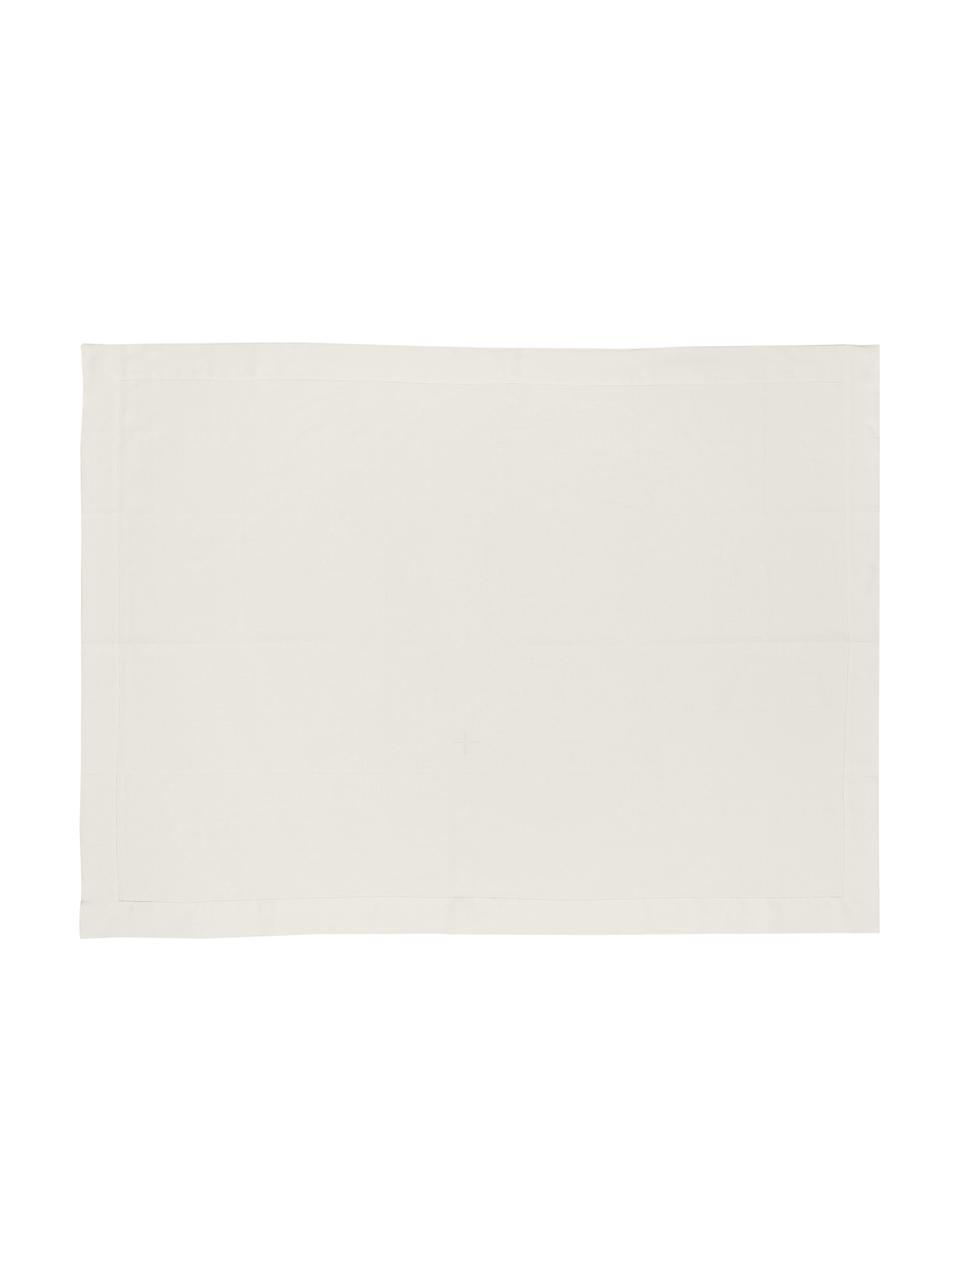 Linnen tafelkleed Alanta met open zoom, Crèmewit, Voor 4 - 6 personen (B 130 x L 170 cm)